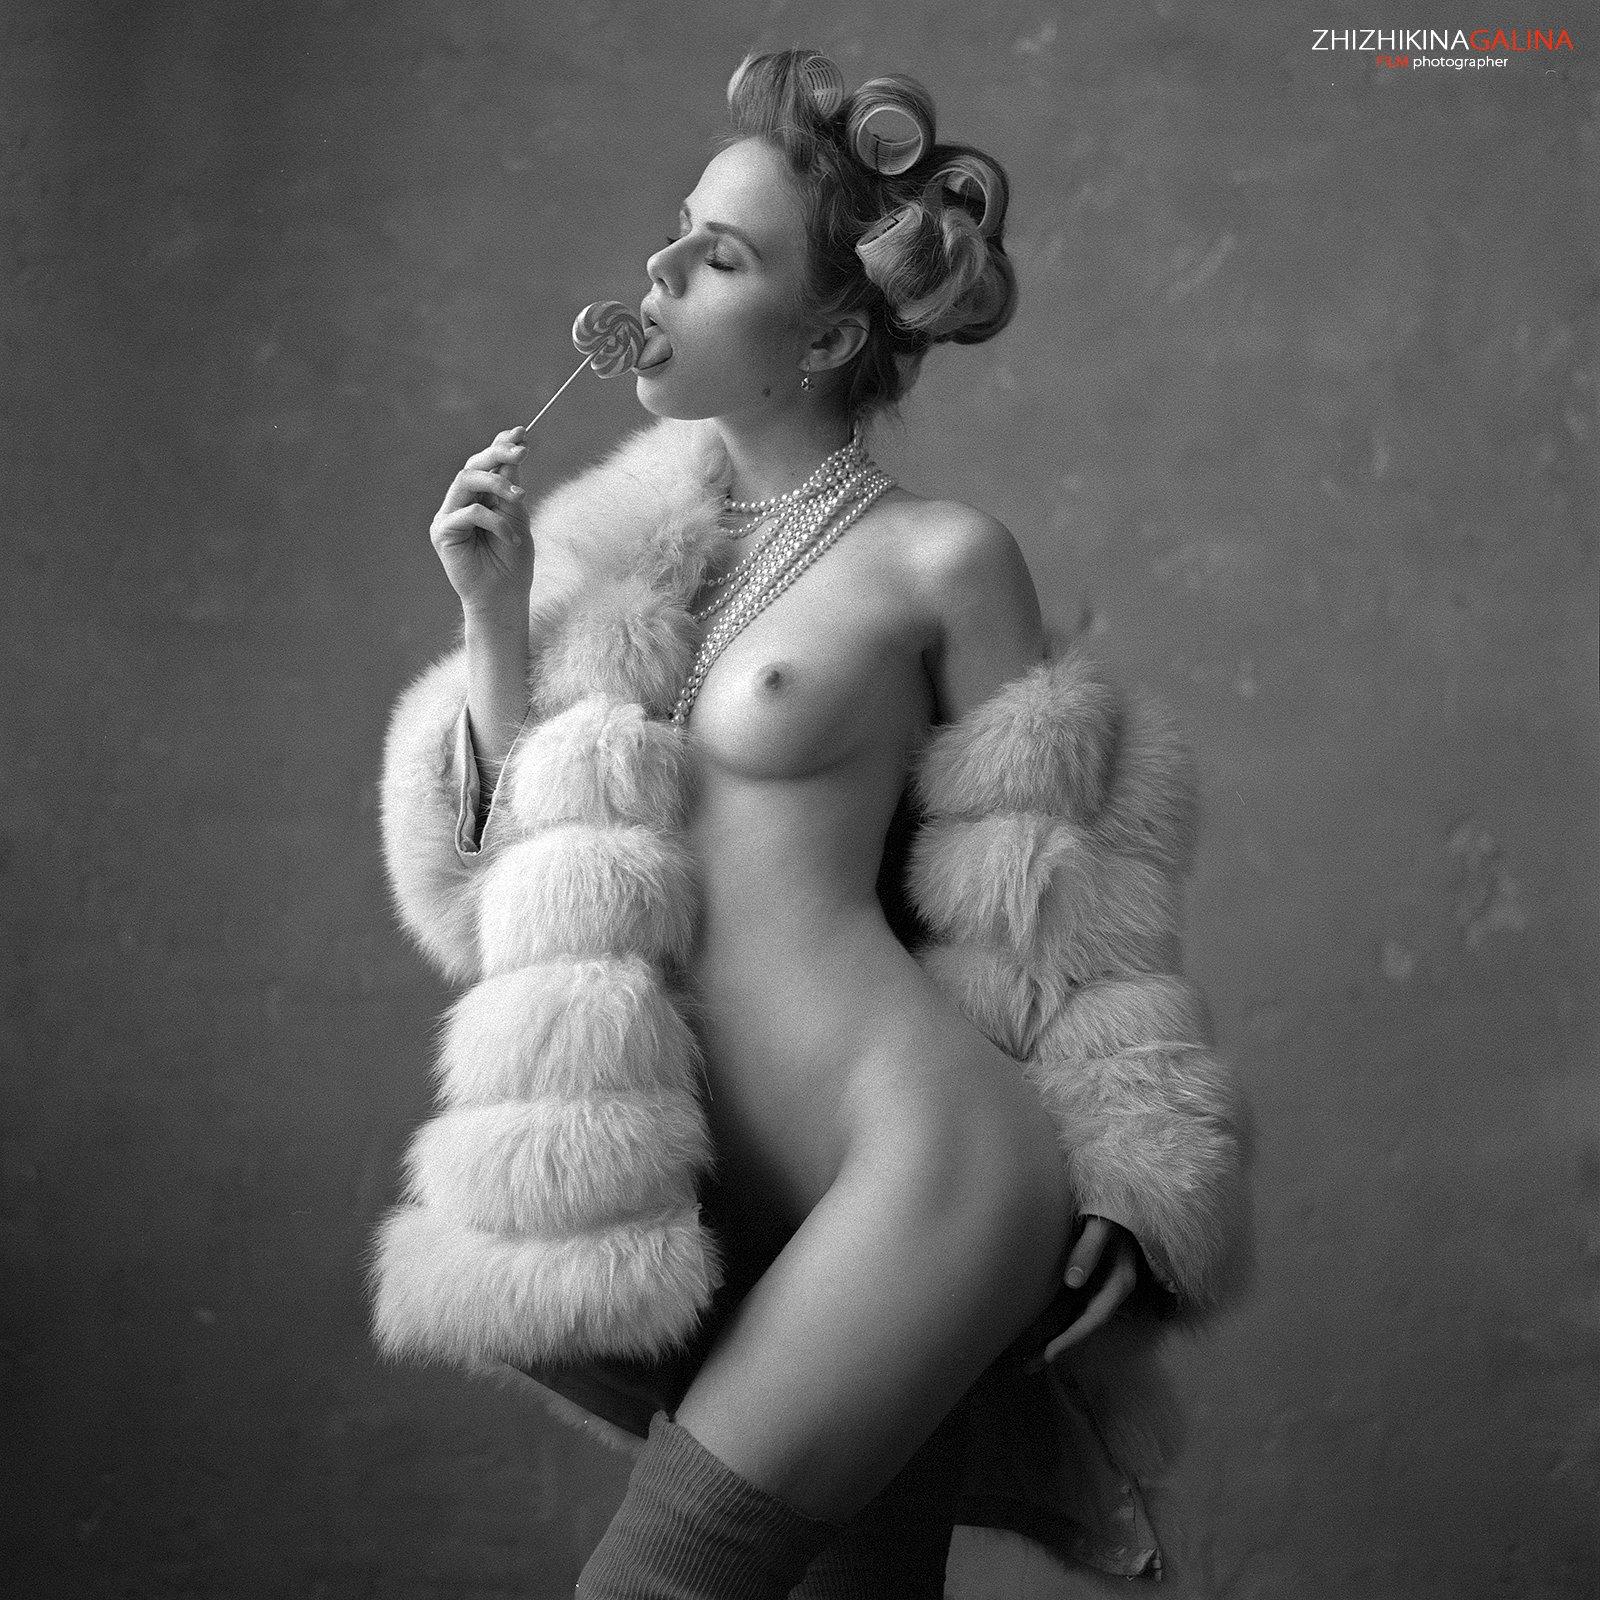 Лединец, чупа-чупс, чулки, шуба, девушка, артню, ню, модель, креатив, эклектика, бусы, жемчуг, топлесс, жижикина, фотограф, чб, черно-белое, Галина Жижикина